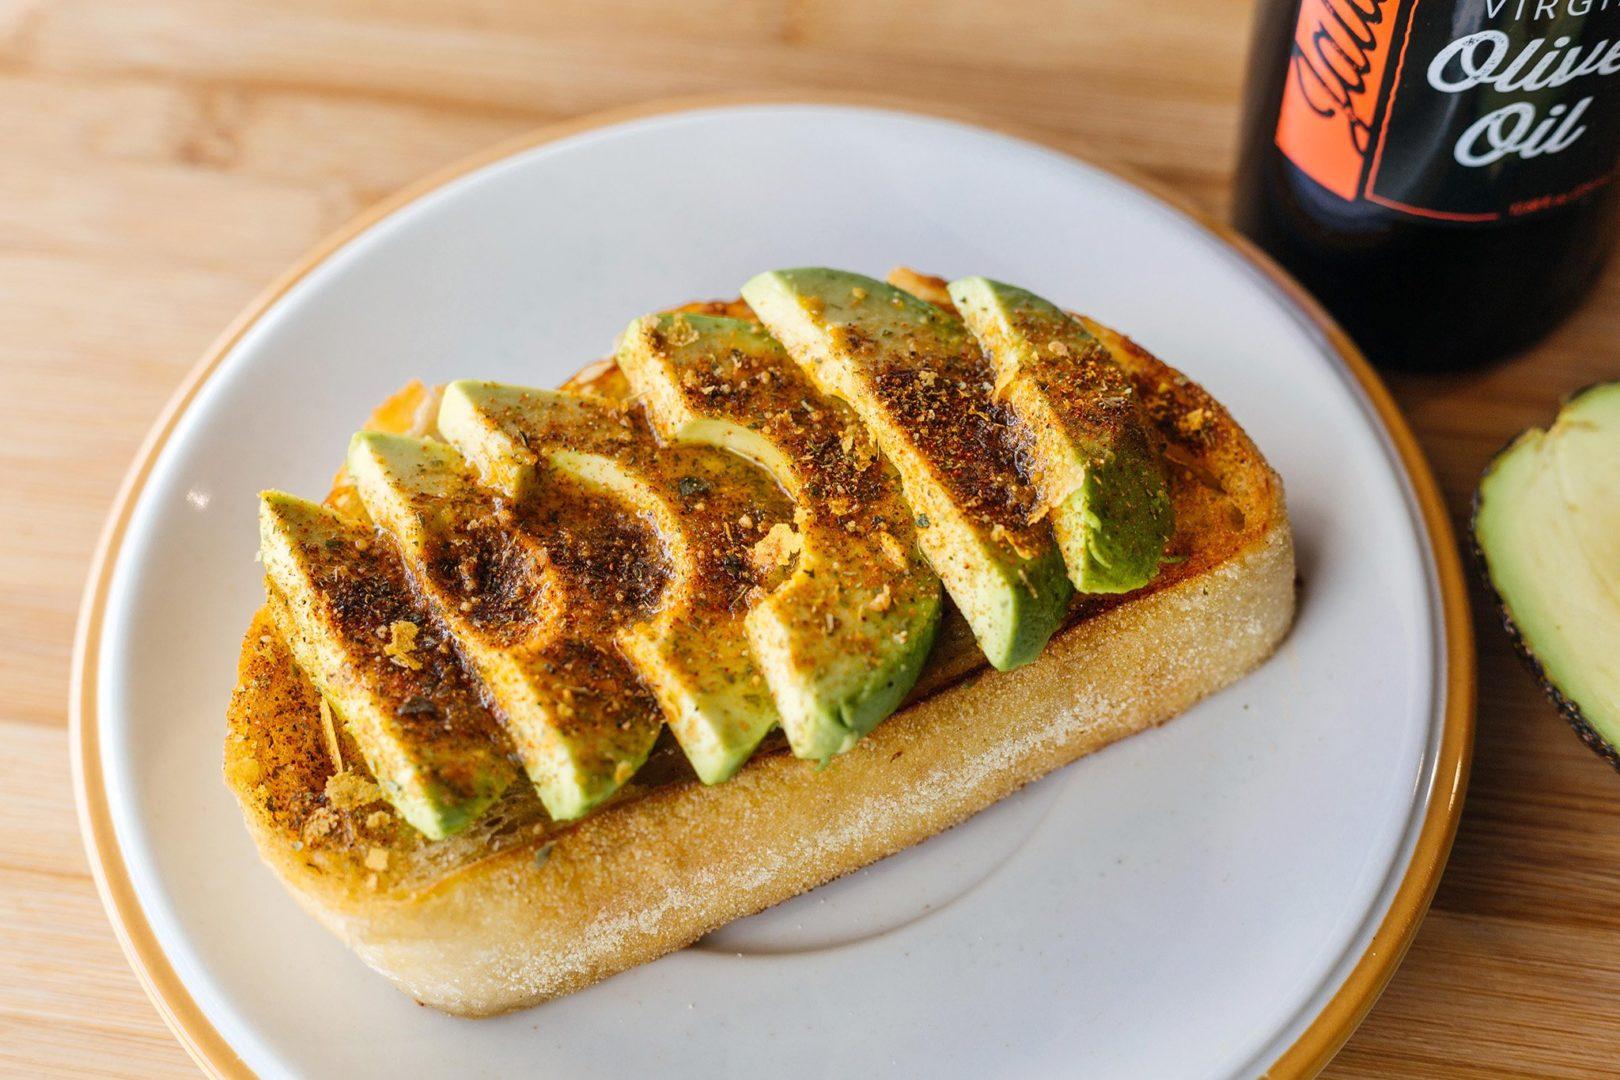 Spicy Snacktime Avocado Toast